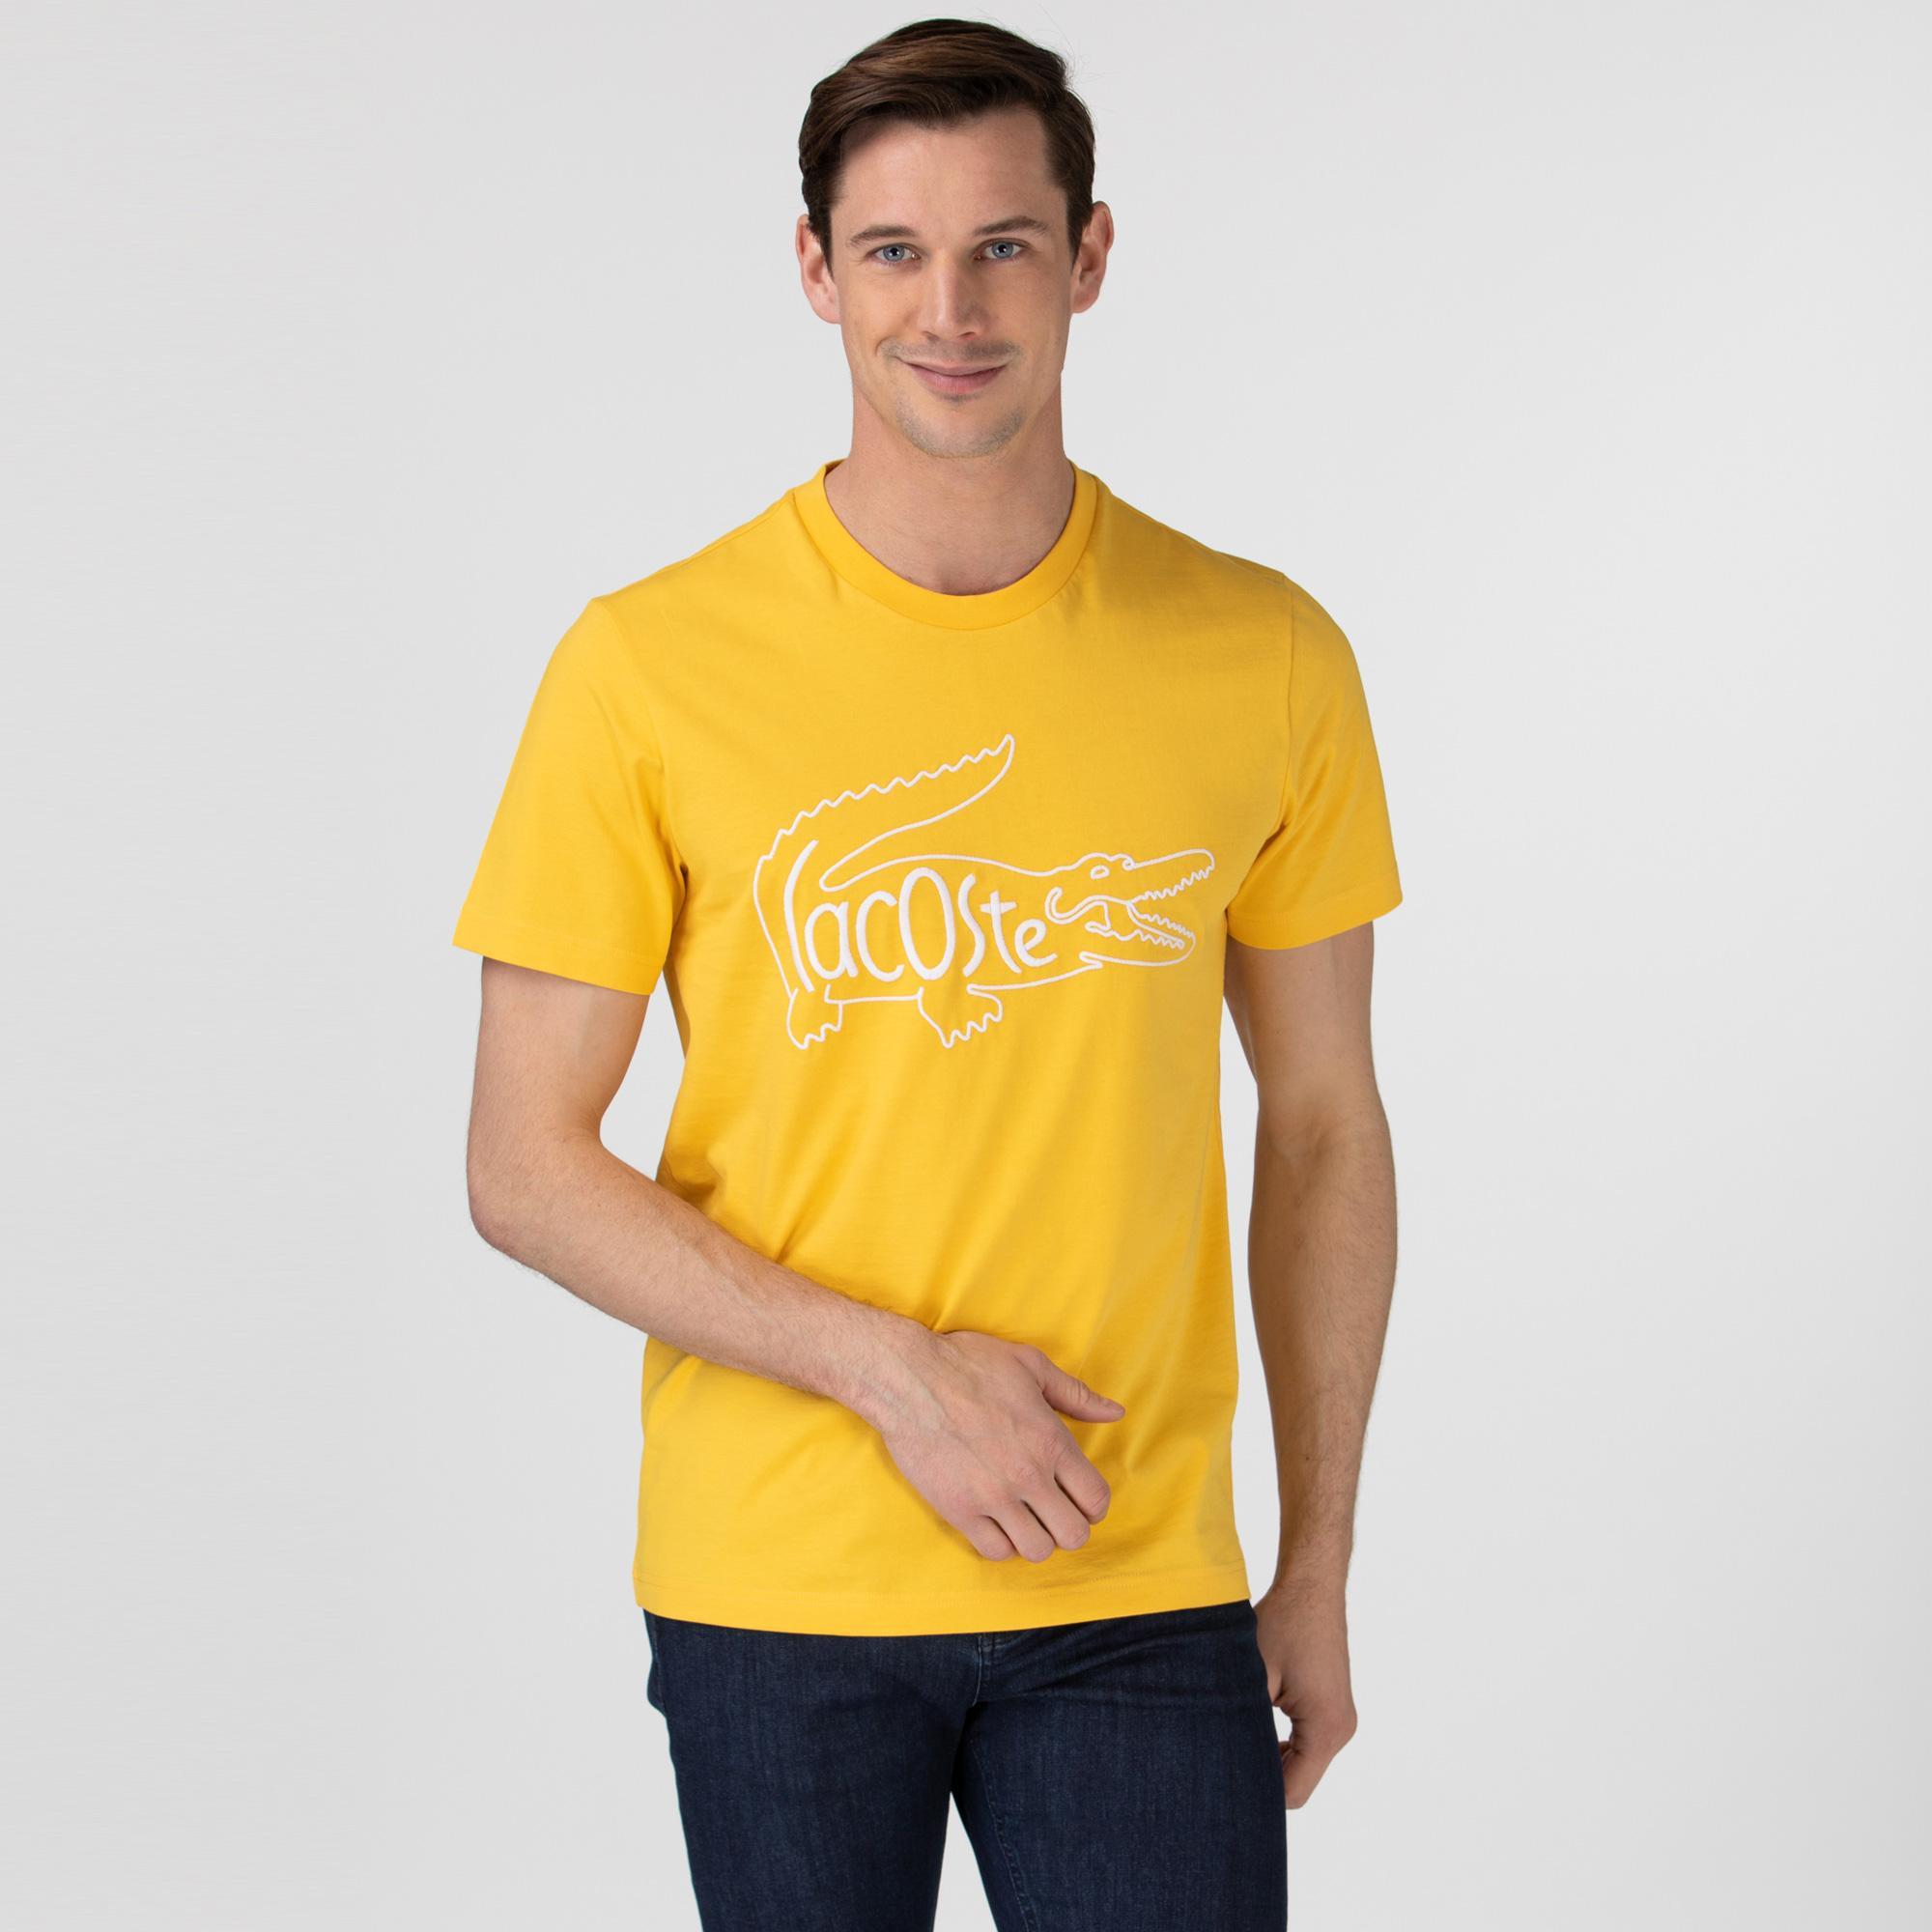 Lacoste Erkek Regular Fit Bisiklet Yaka Nakışlı Sarı T-Shirt